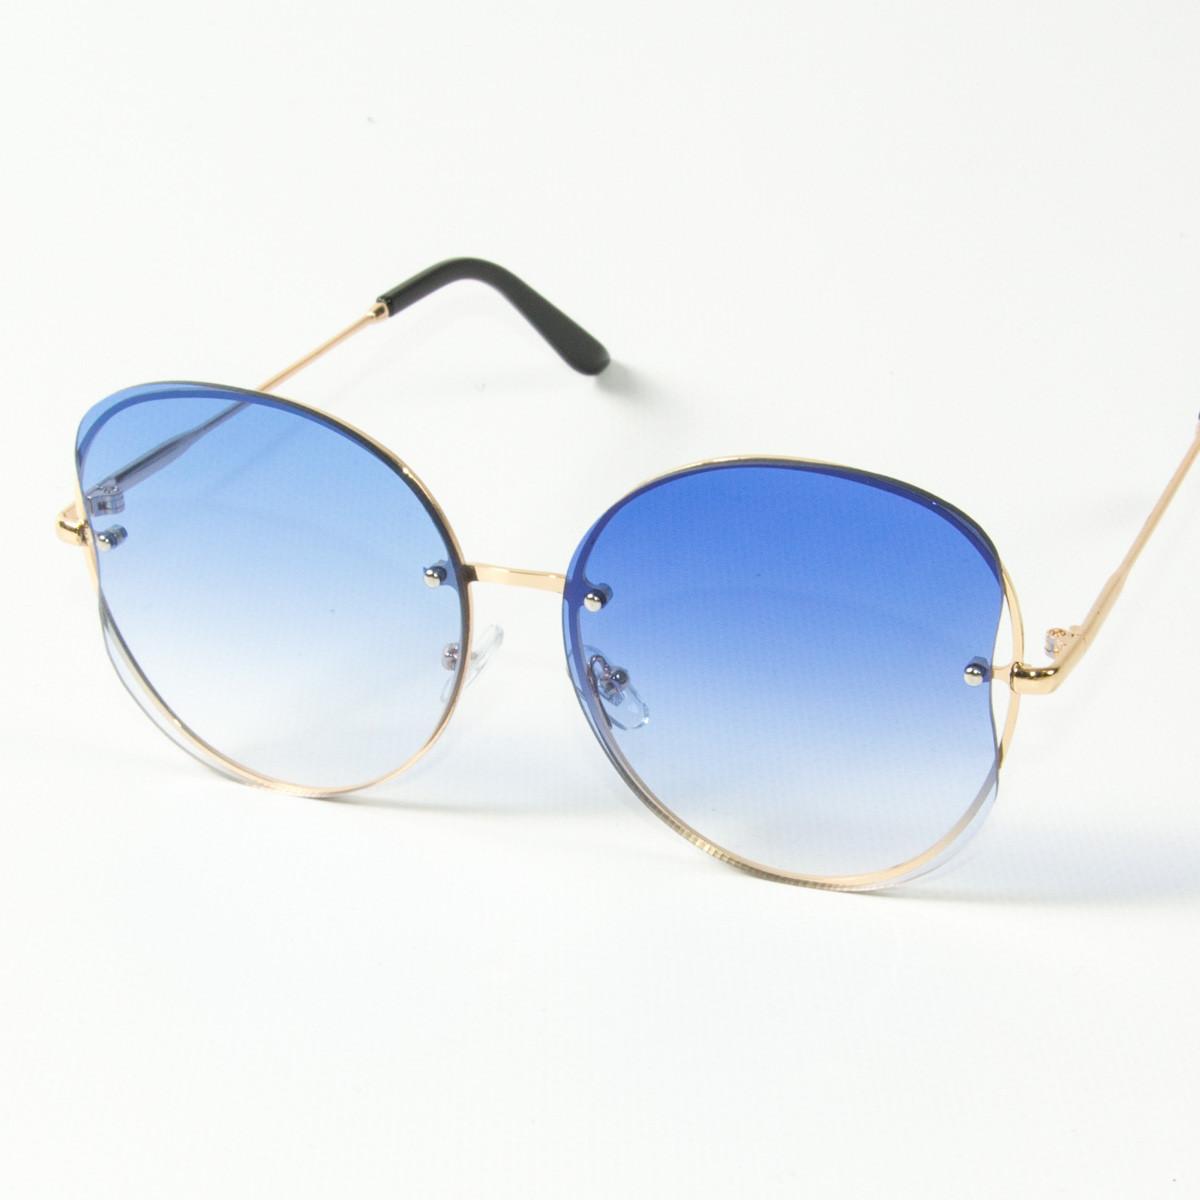 Оптом женские круглые солнцезащитные очки  (арт. 907/3) голубые